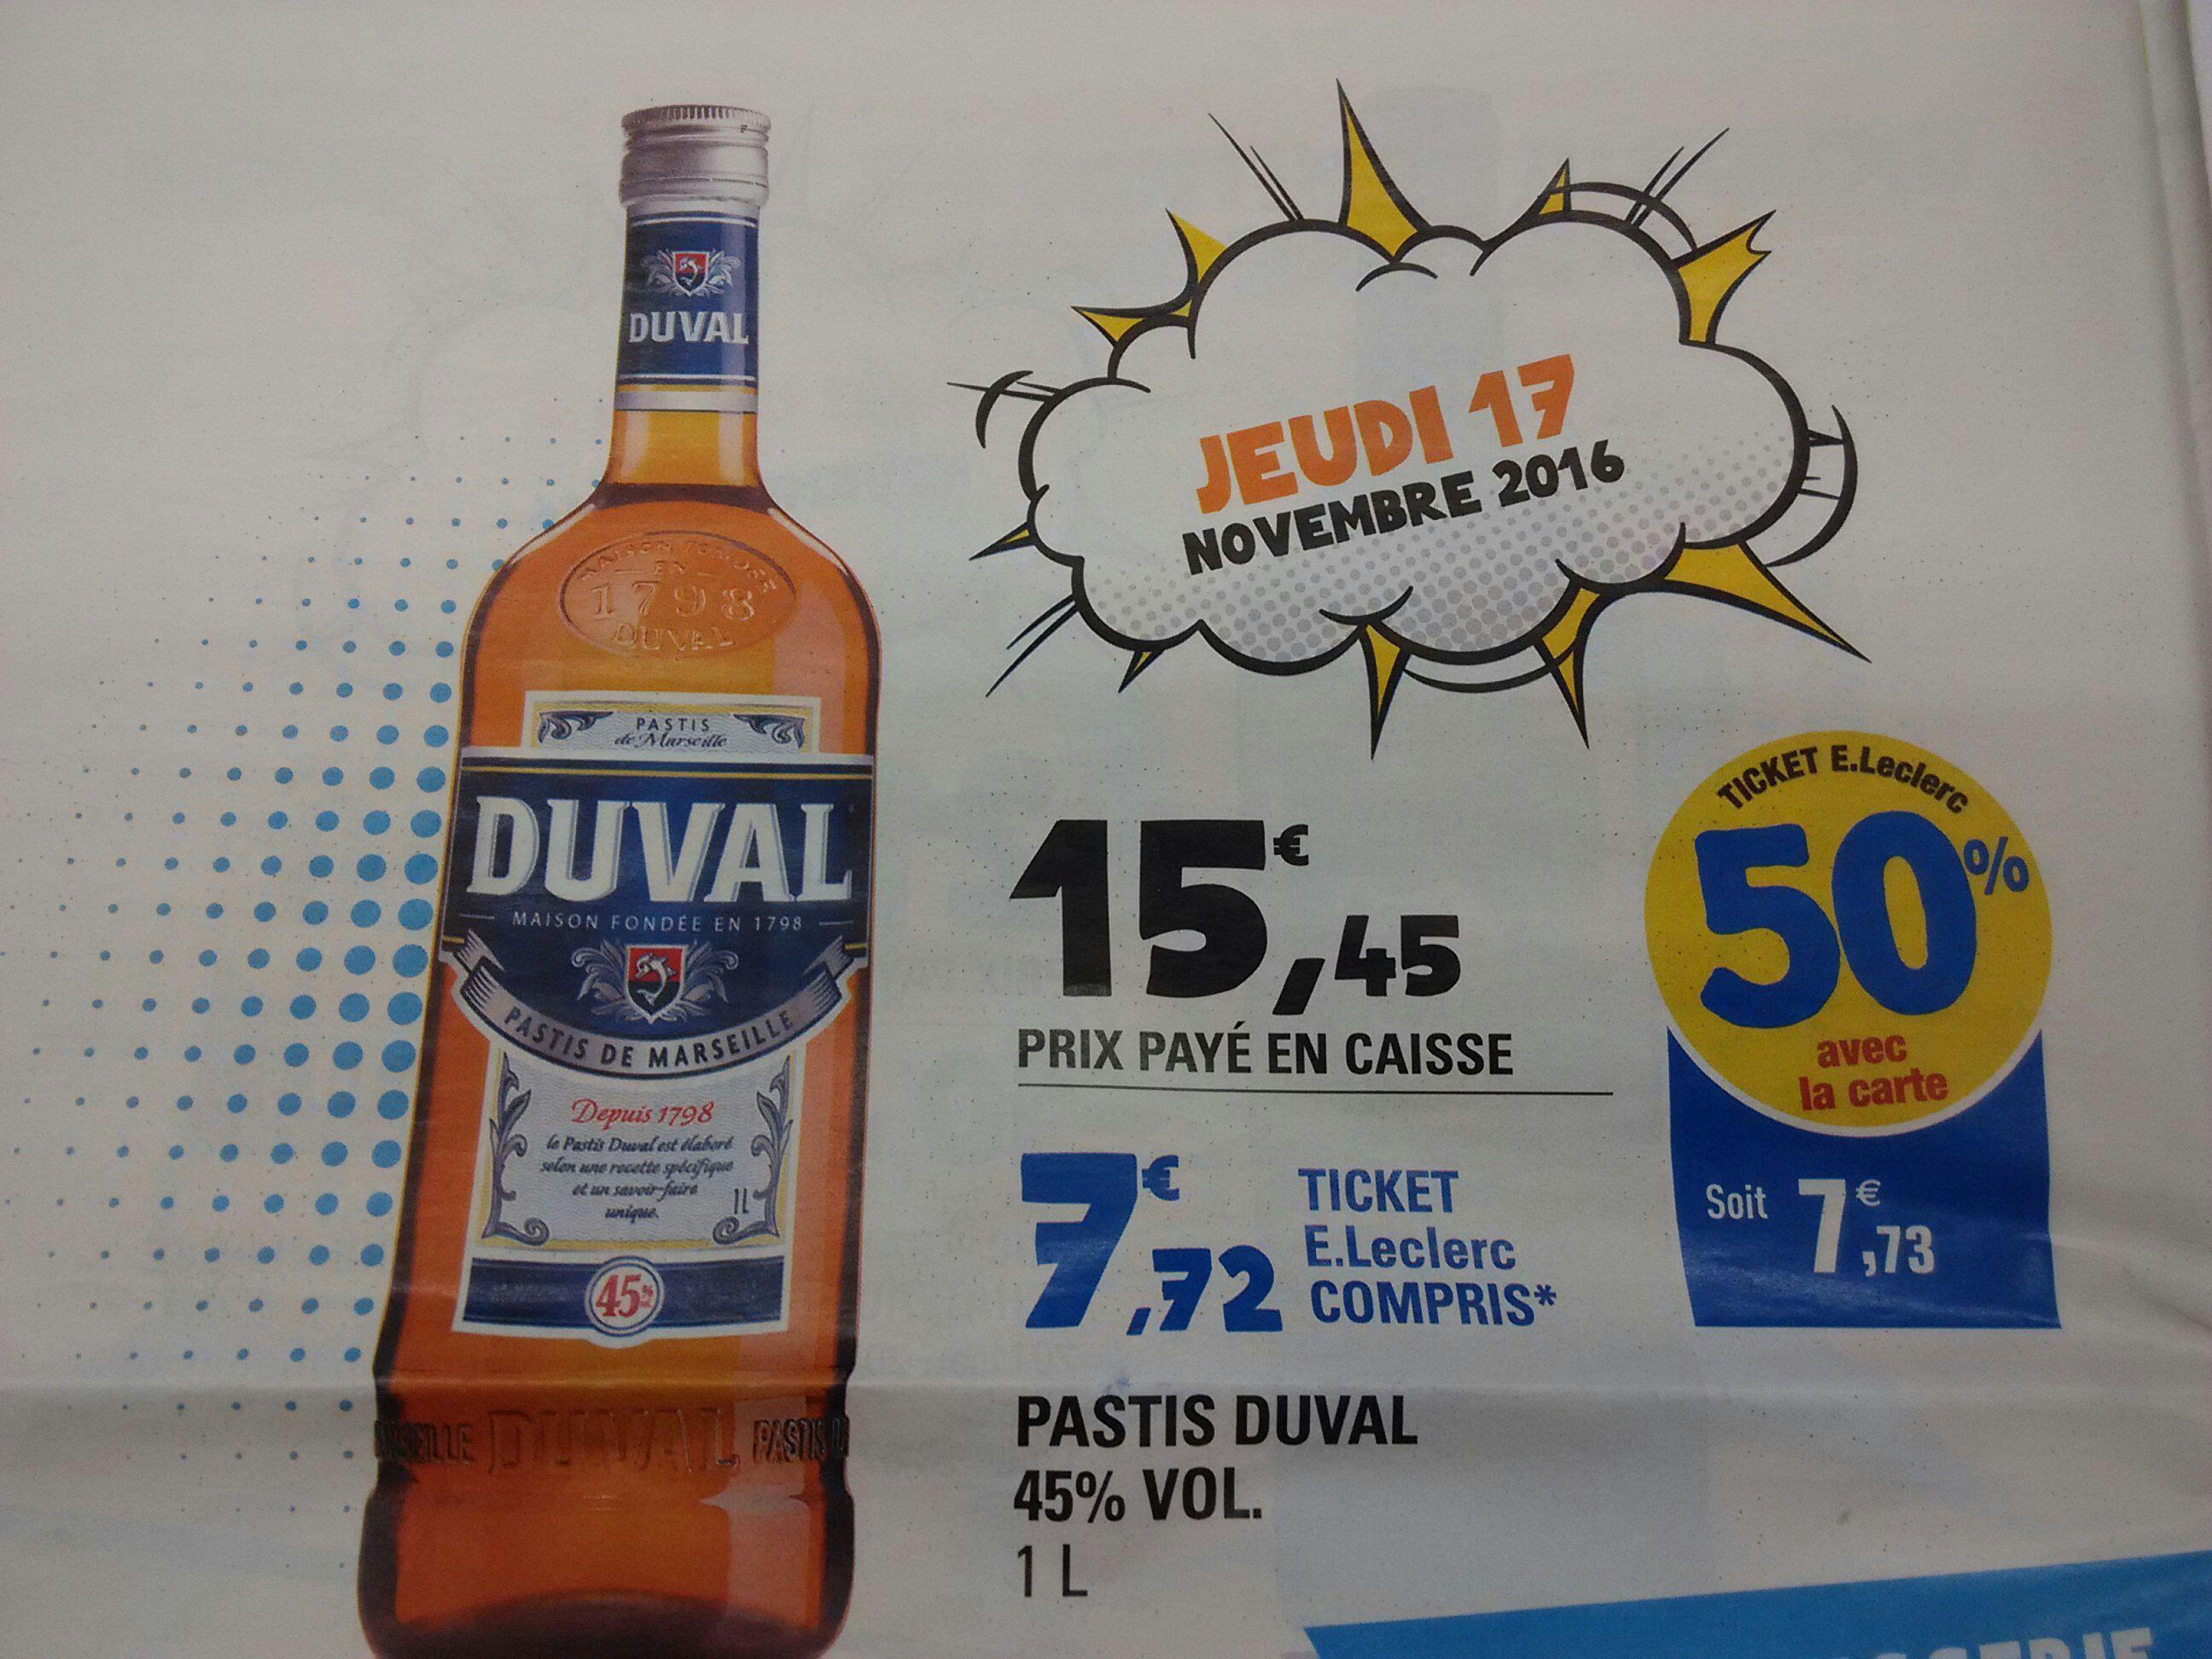 Bouteille de Pastis Duval - 1L, 45° (via 7.73€ sur la carte)